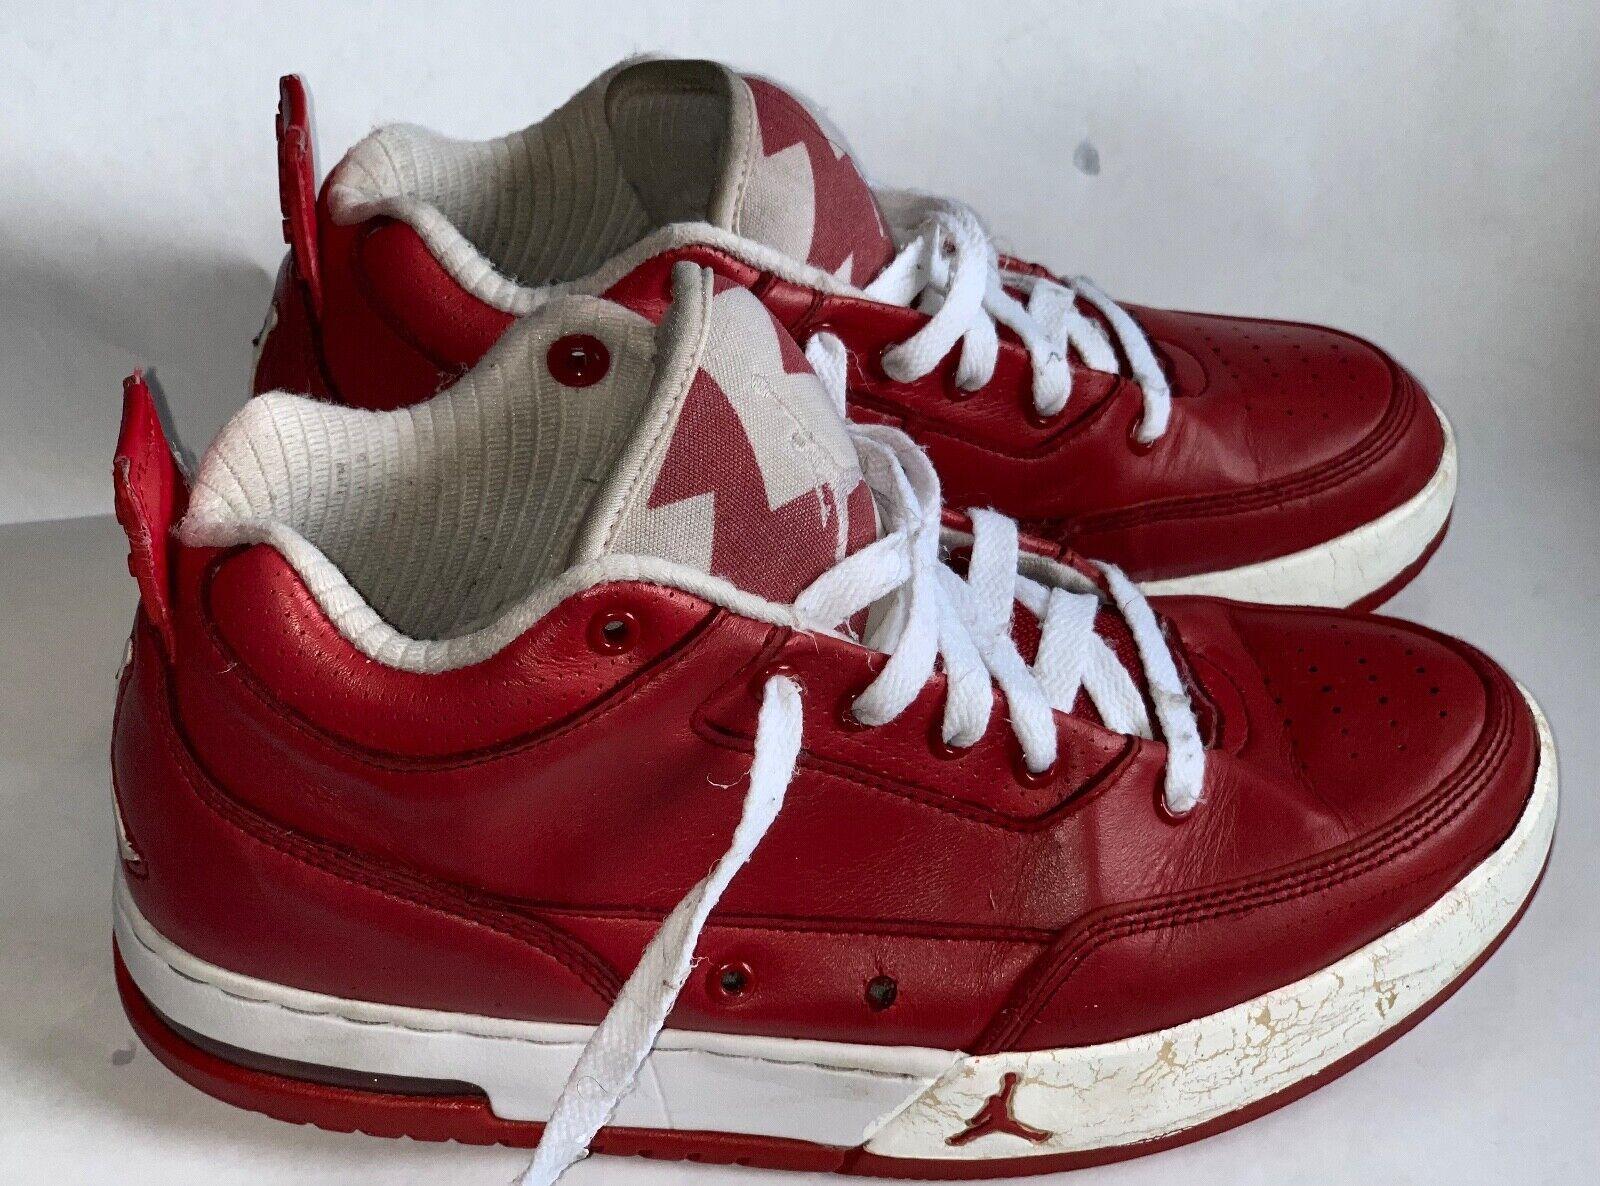 Air Jordan Flipsyde Varsity Red   White Men's 7.5 323100-601 Gym Retro VG 2010